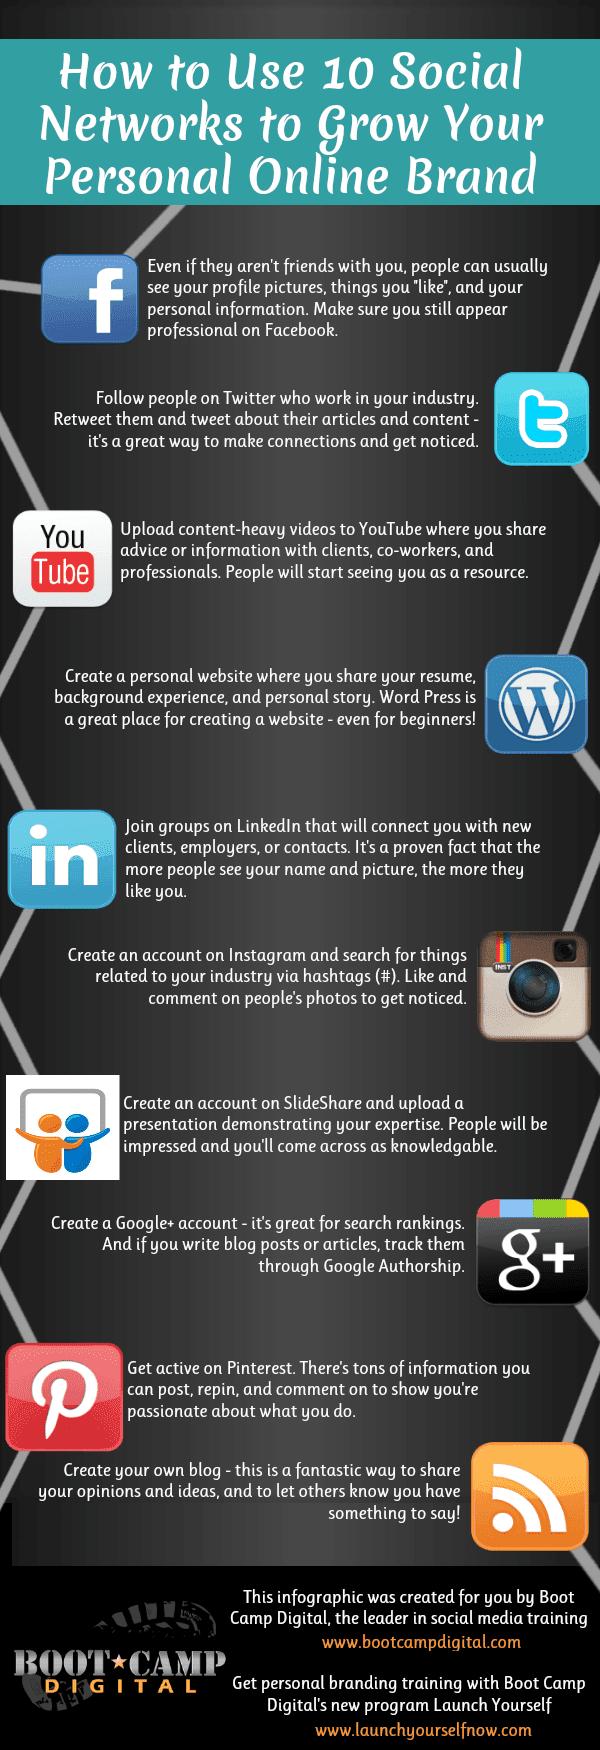 Cómo usar 10 redes sociales para hacer crecer tu marca personal (Infografía)